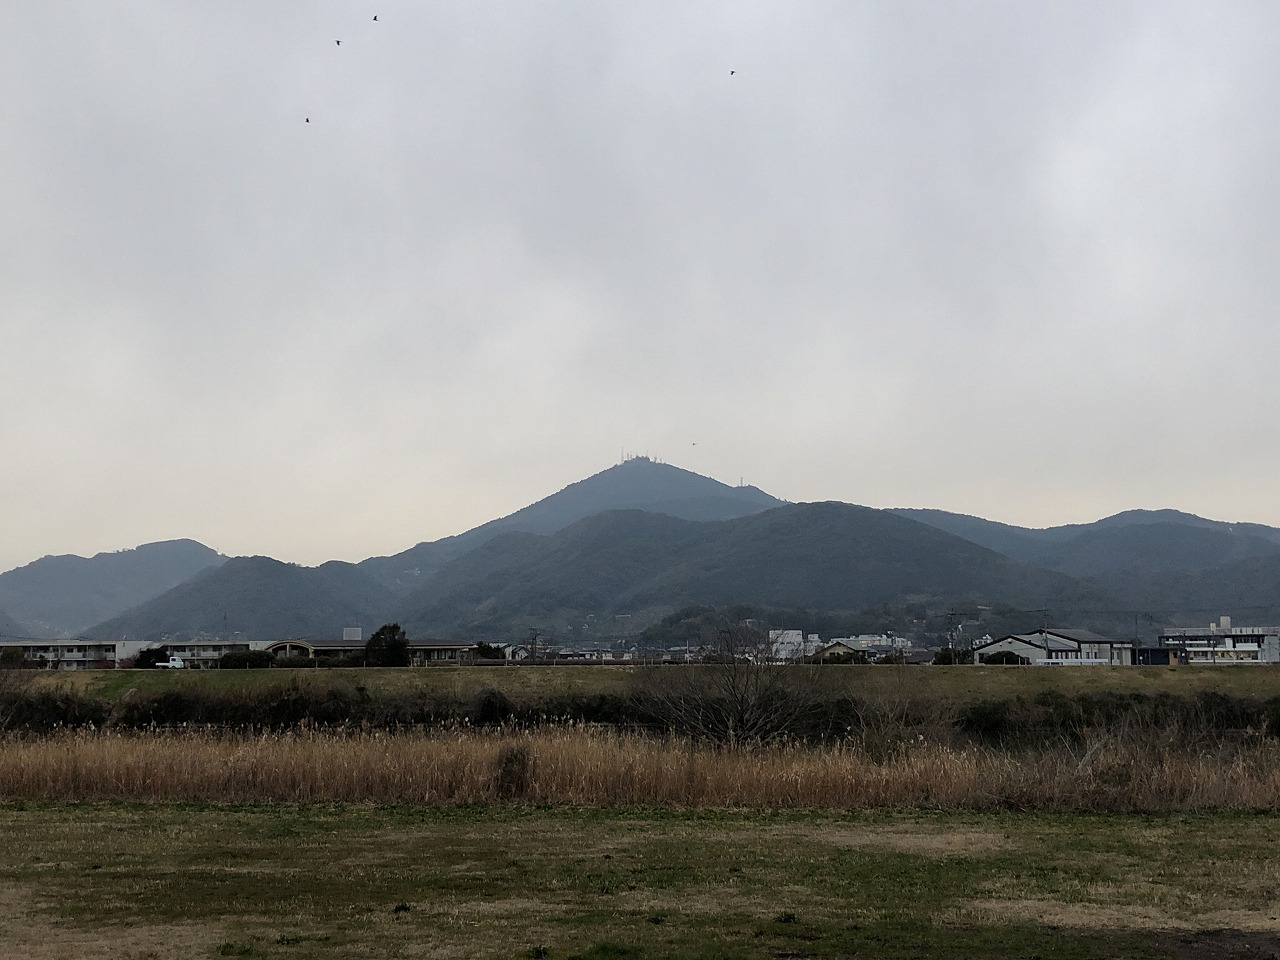 2020.2.7今朝の金峰山です